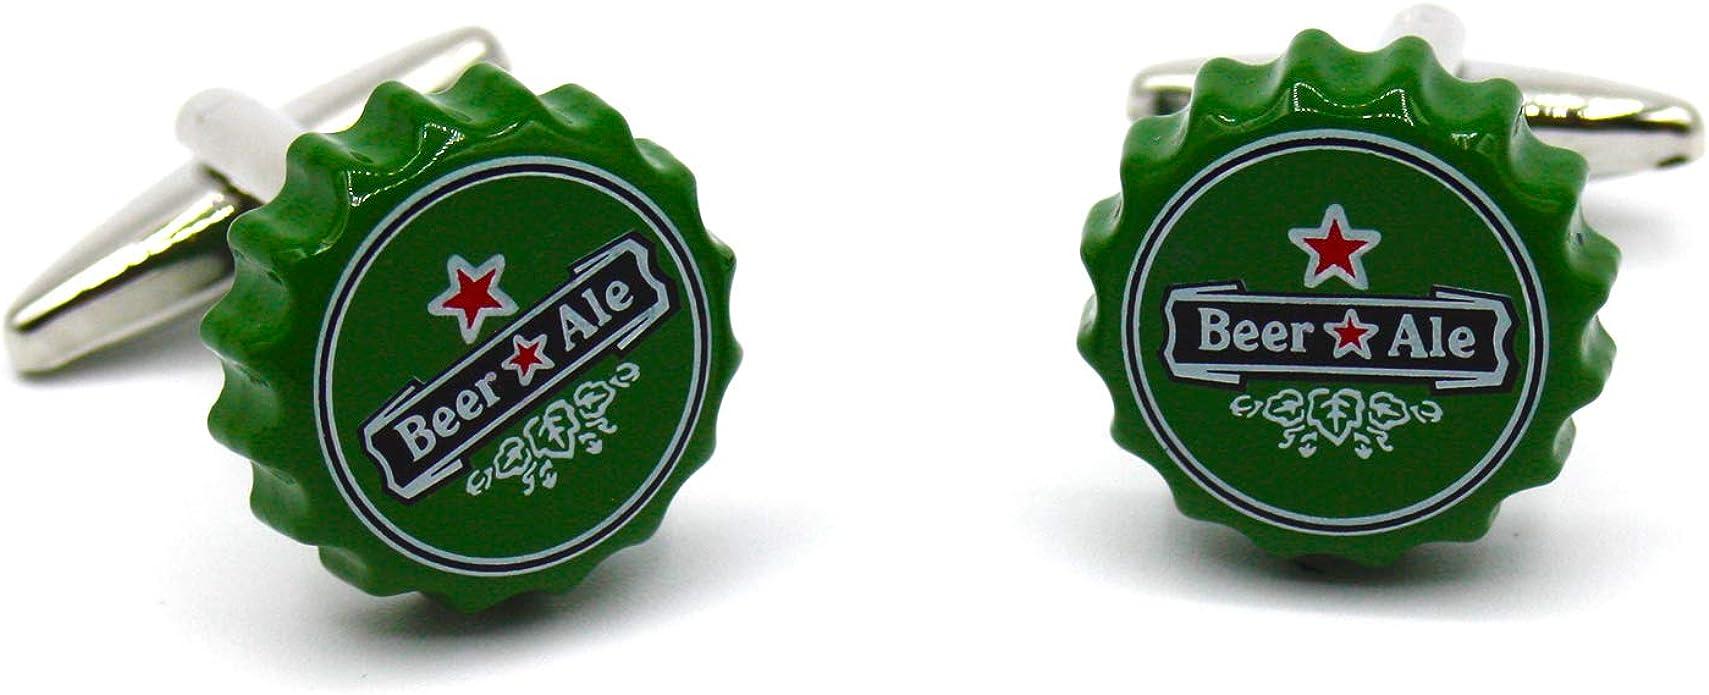 Territorial Gemelos de Camisa Originales Chapa de Cerveza. Diseño único de tapón de botellín Verde. Colección de Moda Hombre: línea Boda y Eventos. Regalo Divertido y Elegante con Caja: Amazon.es: Joyería